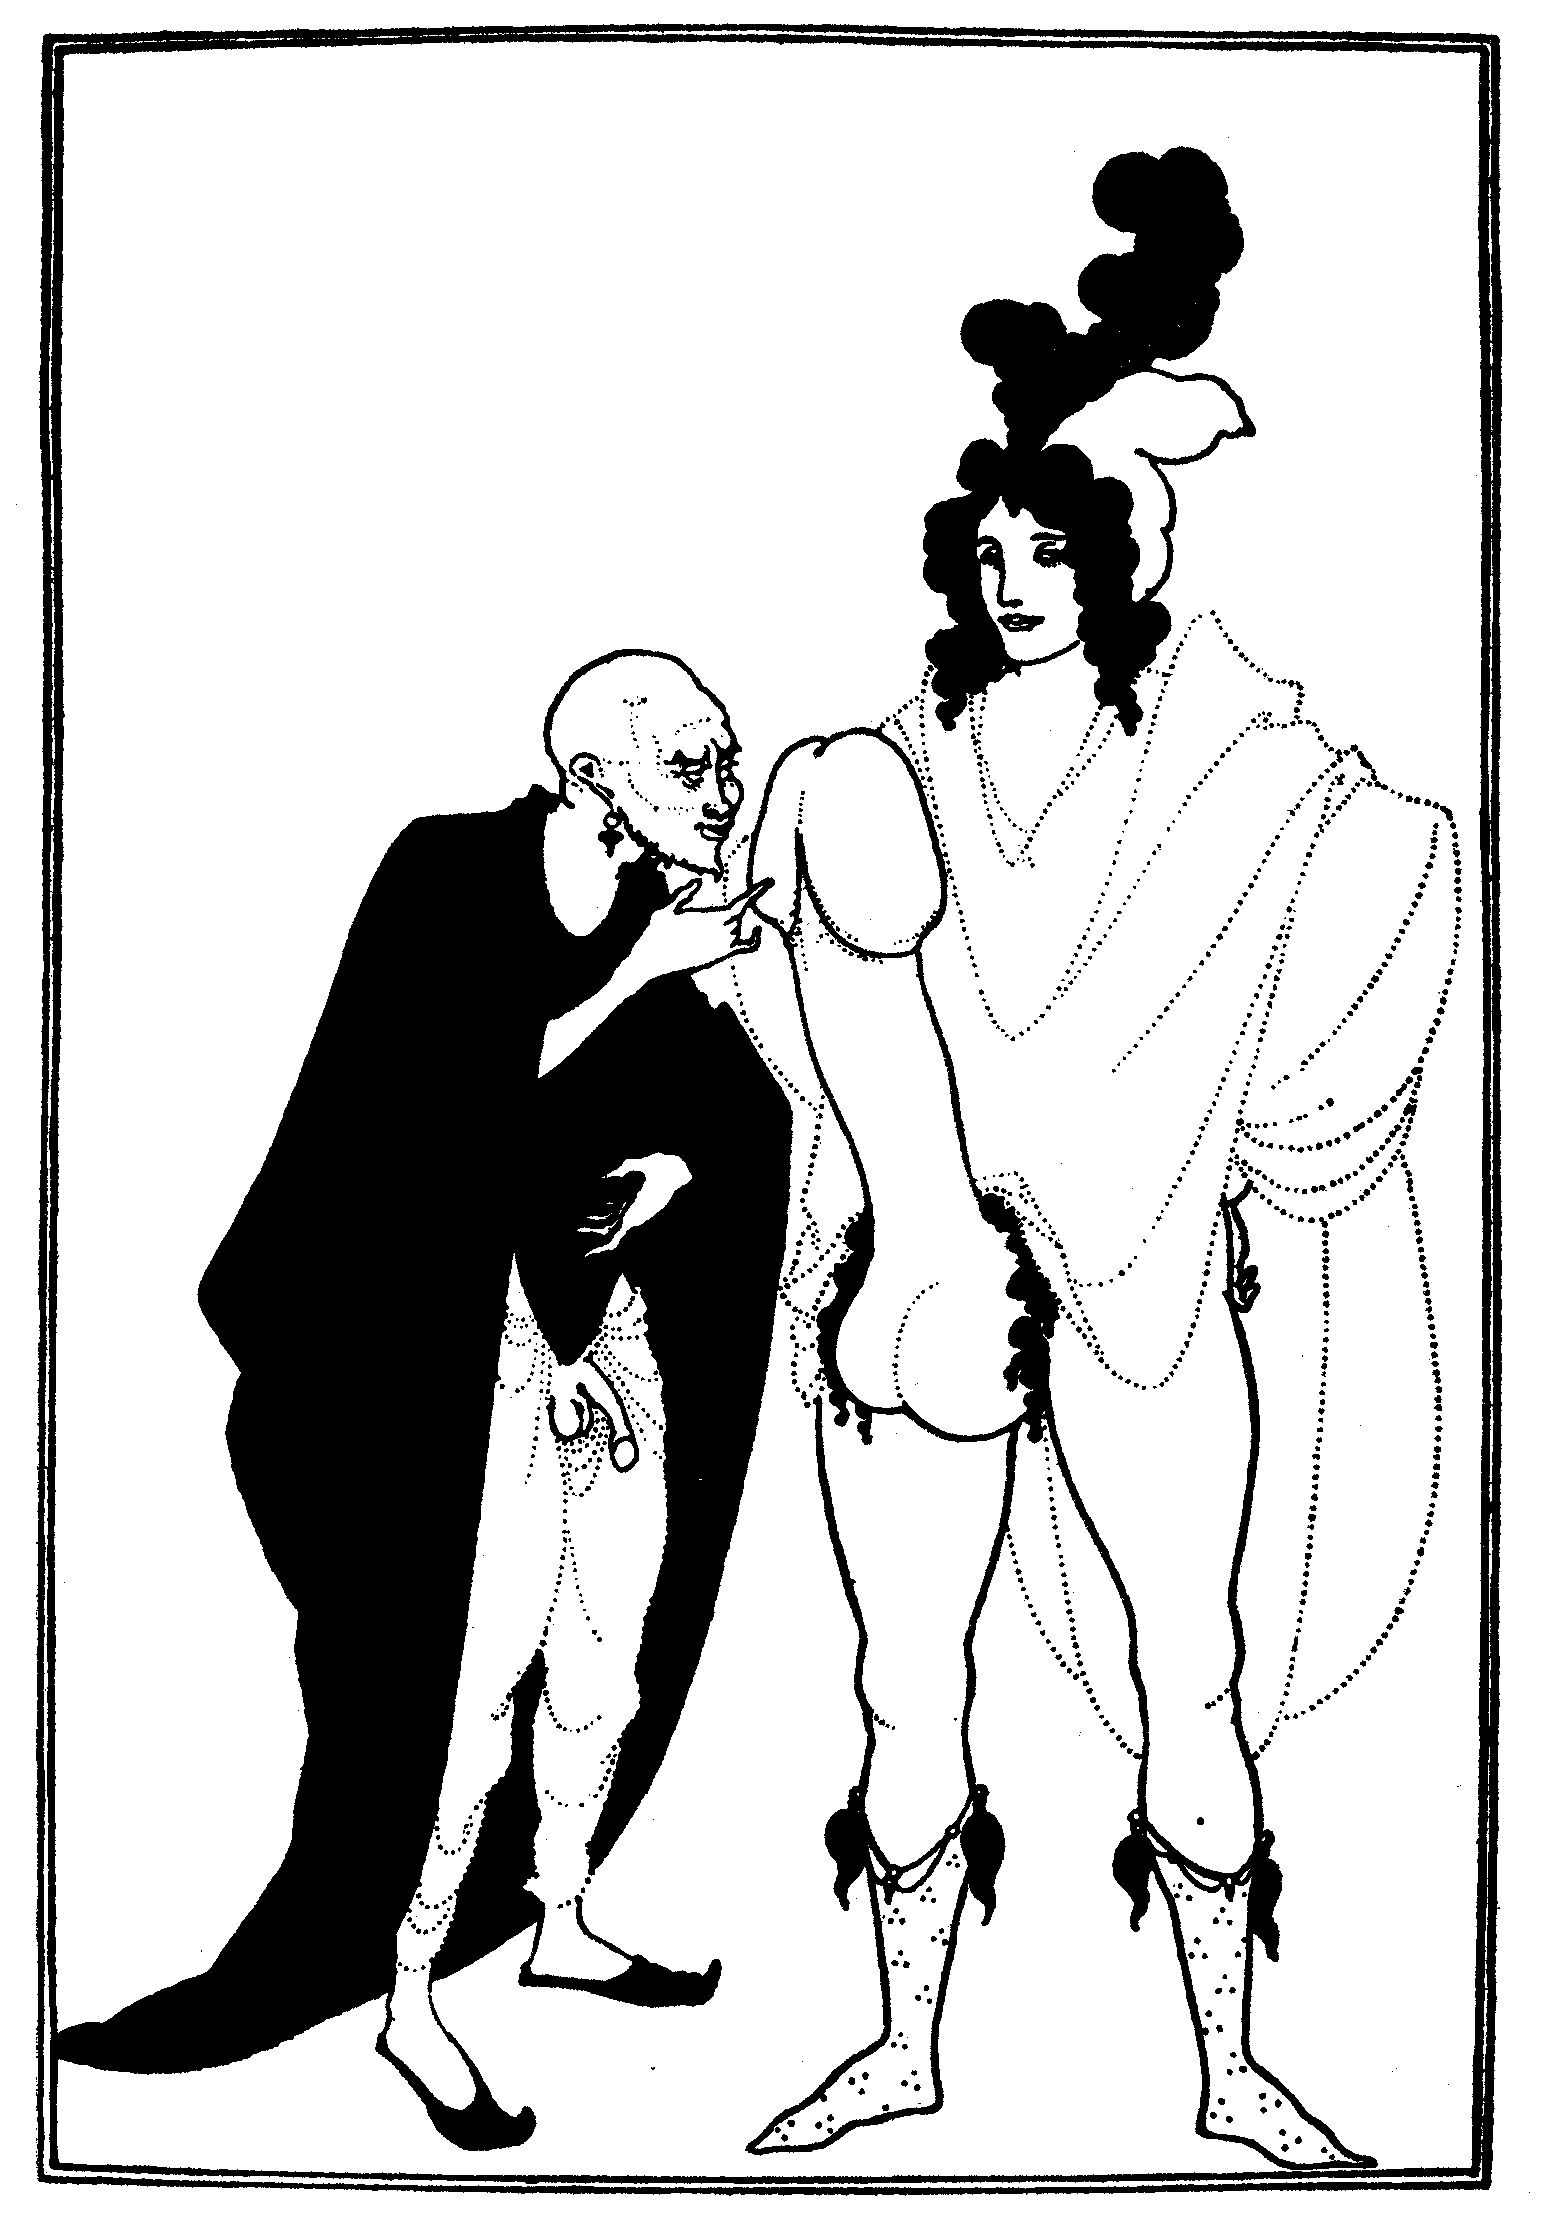 The Examination of the Herald - Aubrey Beardsley